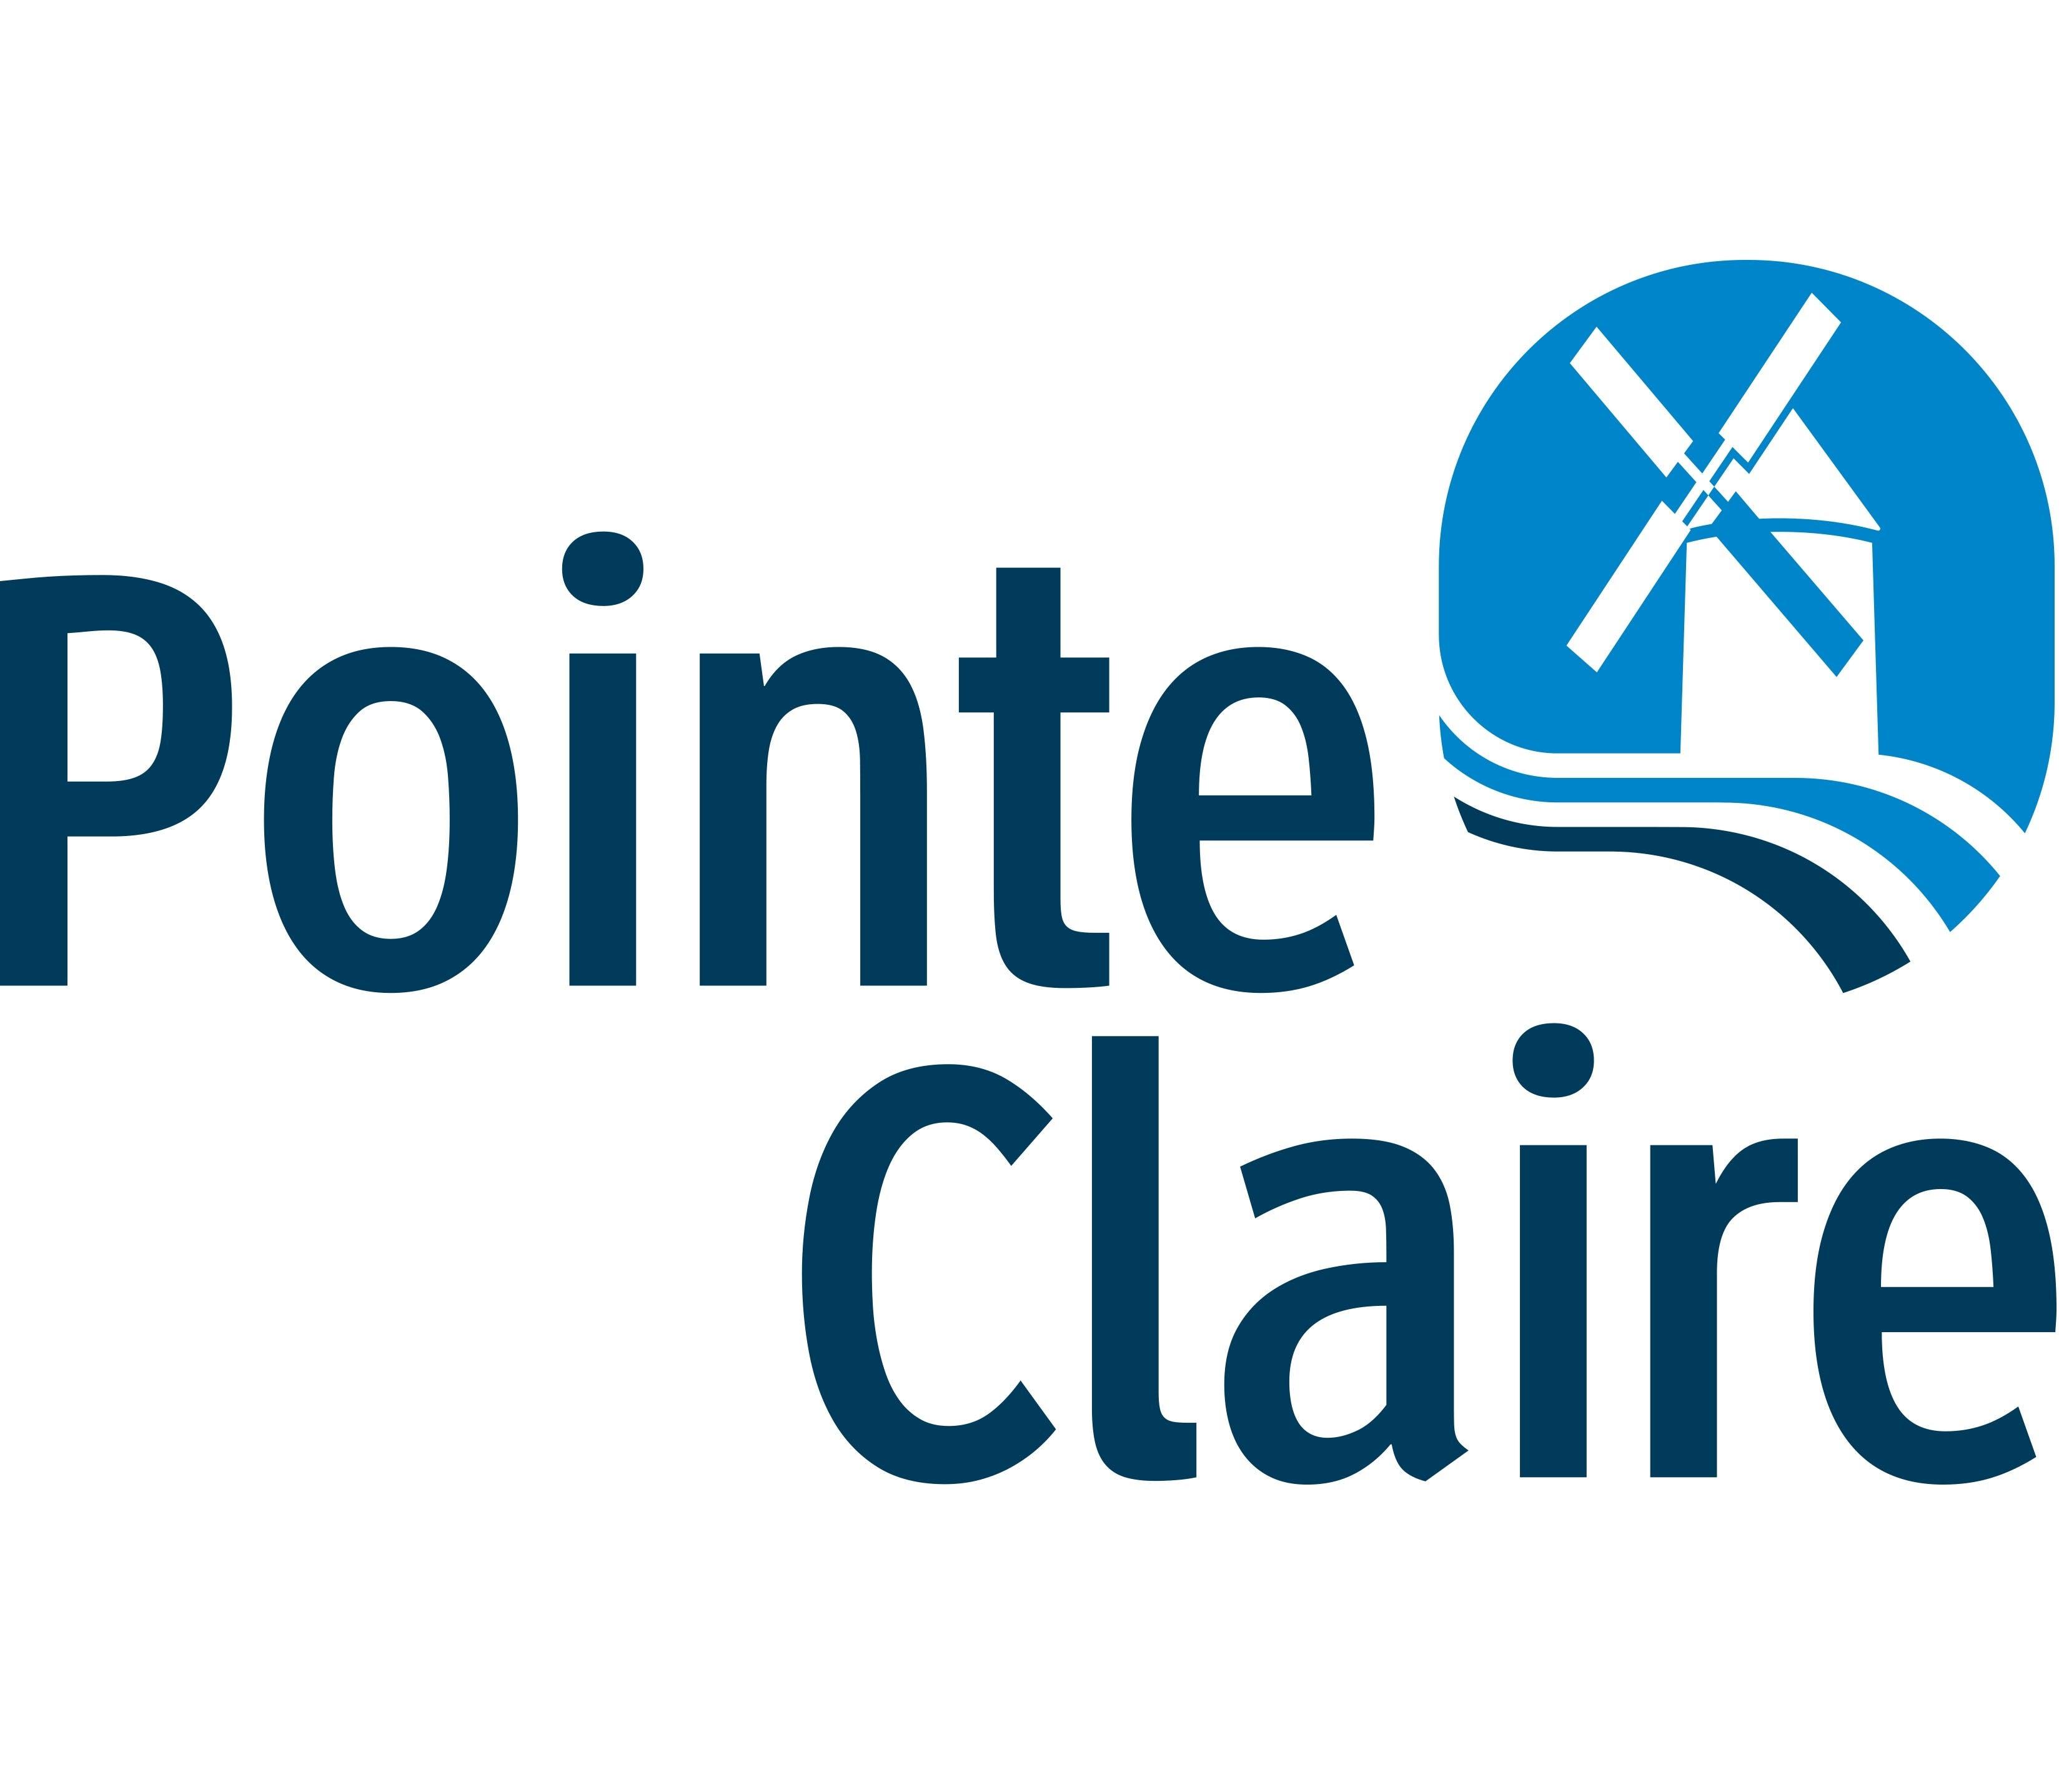 Pointe-Claire, c'est nous